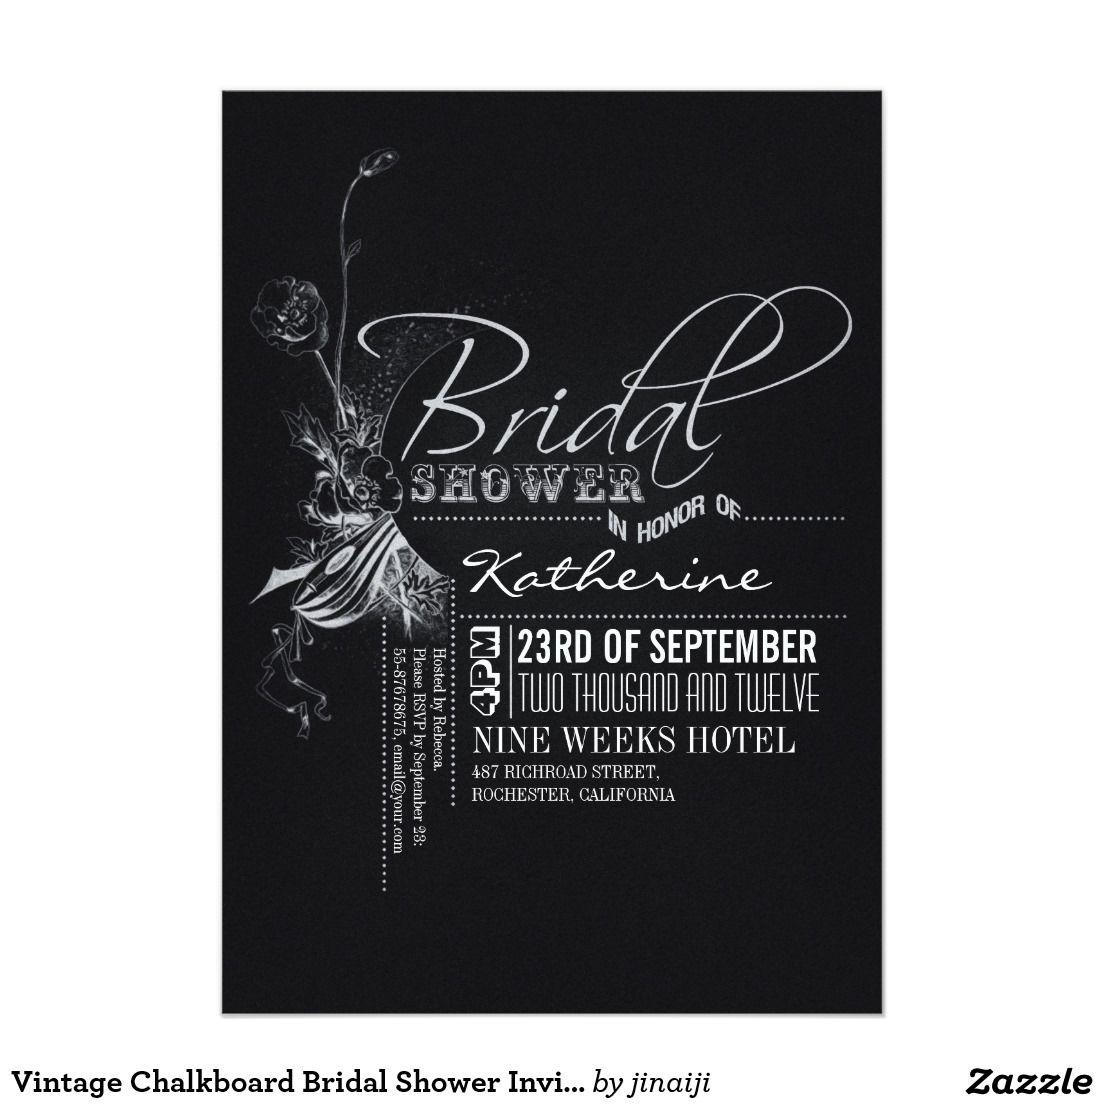 Vintage chalkboard bridal shower invites elegant chalkboard bridal vintage chalkboard bridal shower invites elegant chalkboard bridal shower invitation templates classy bridal shower filmwisefo Images